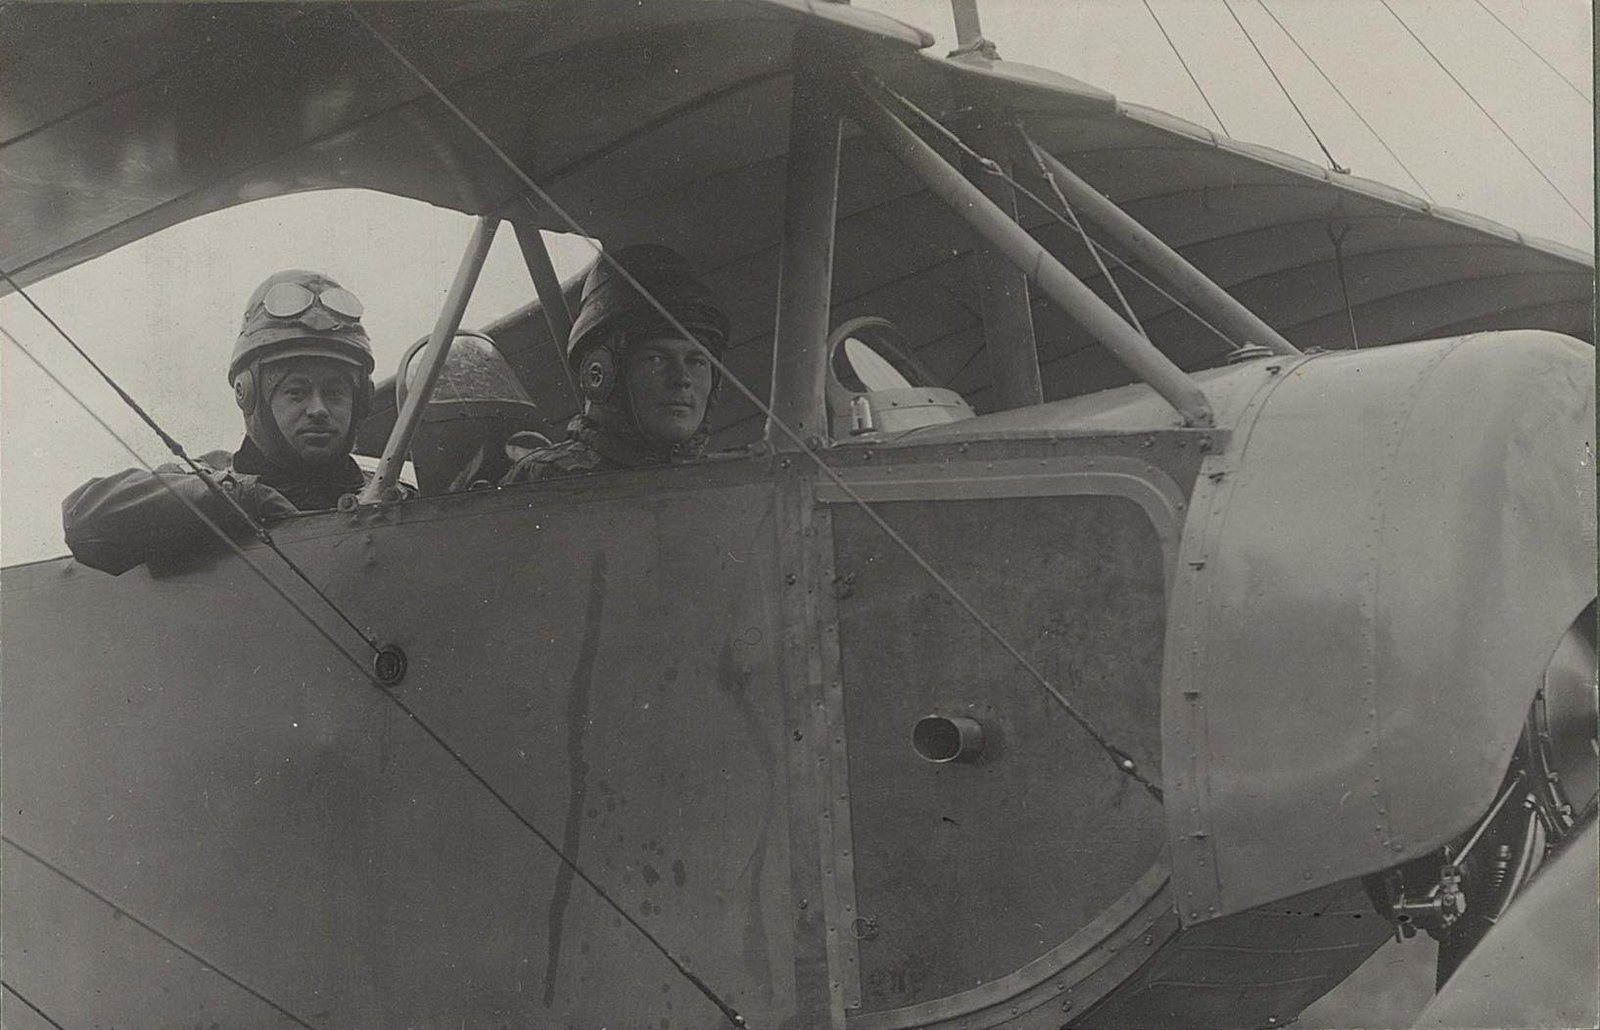 1914. Два лётчика в кабине самолёта